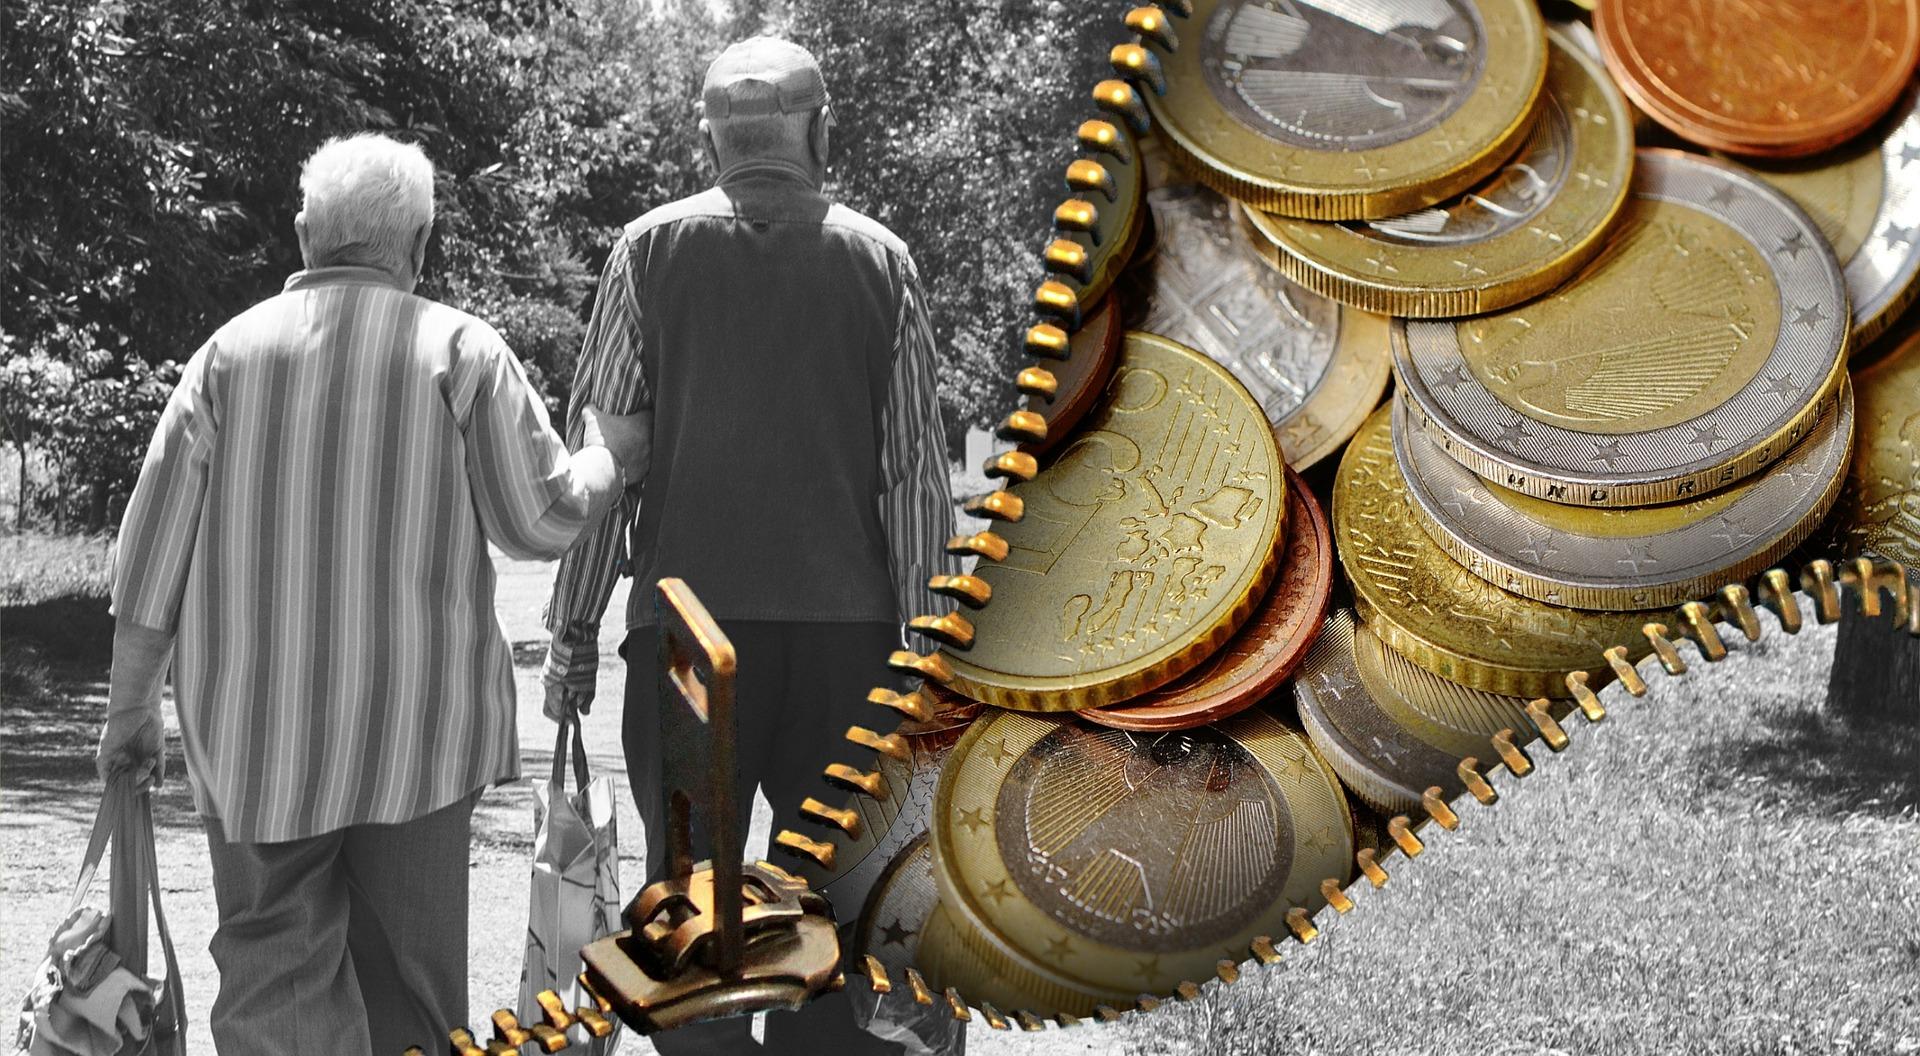 old-people-1553348_1920.jpg